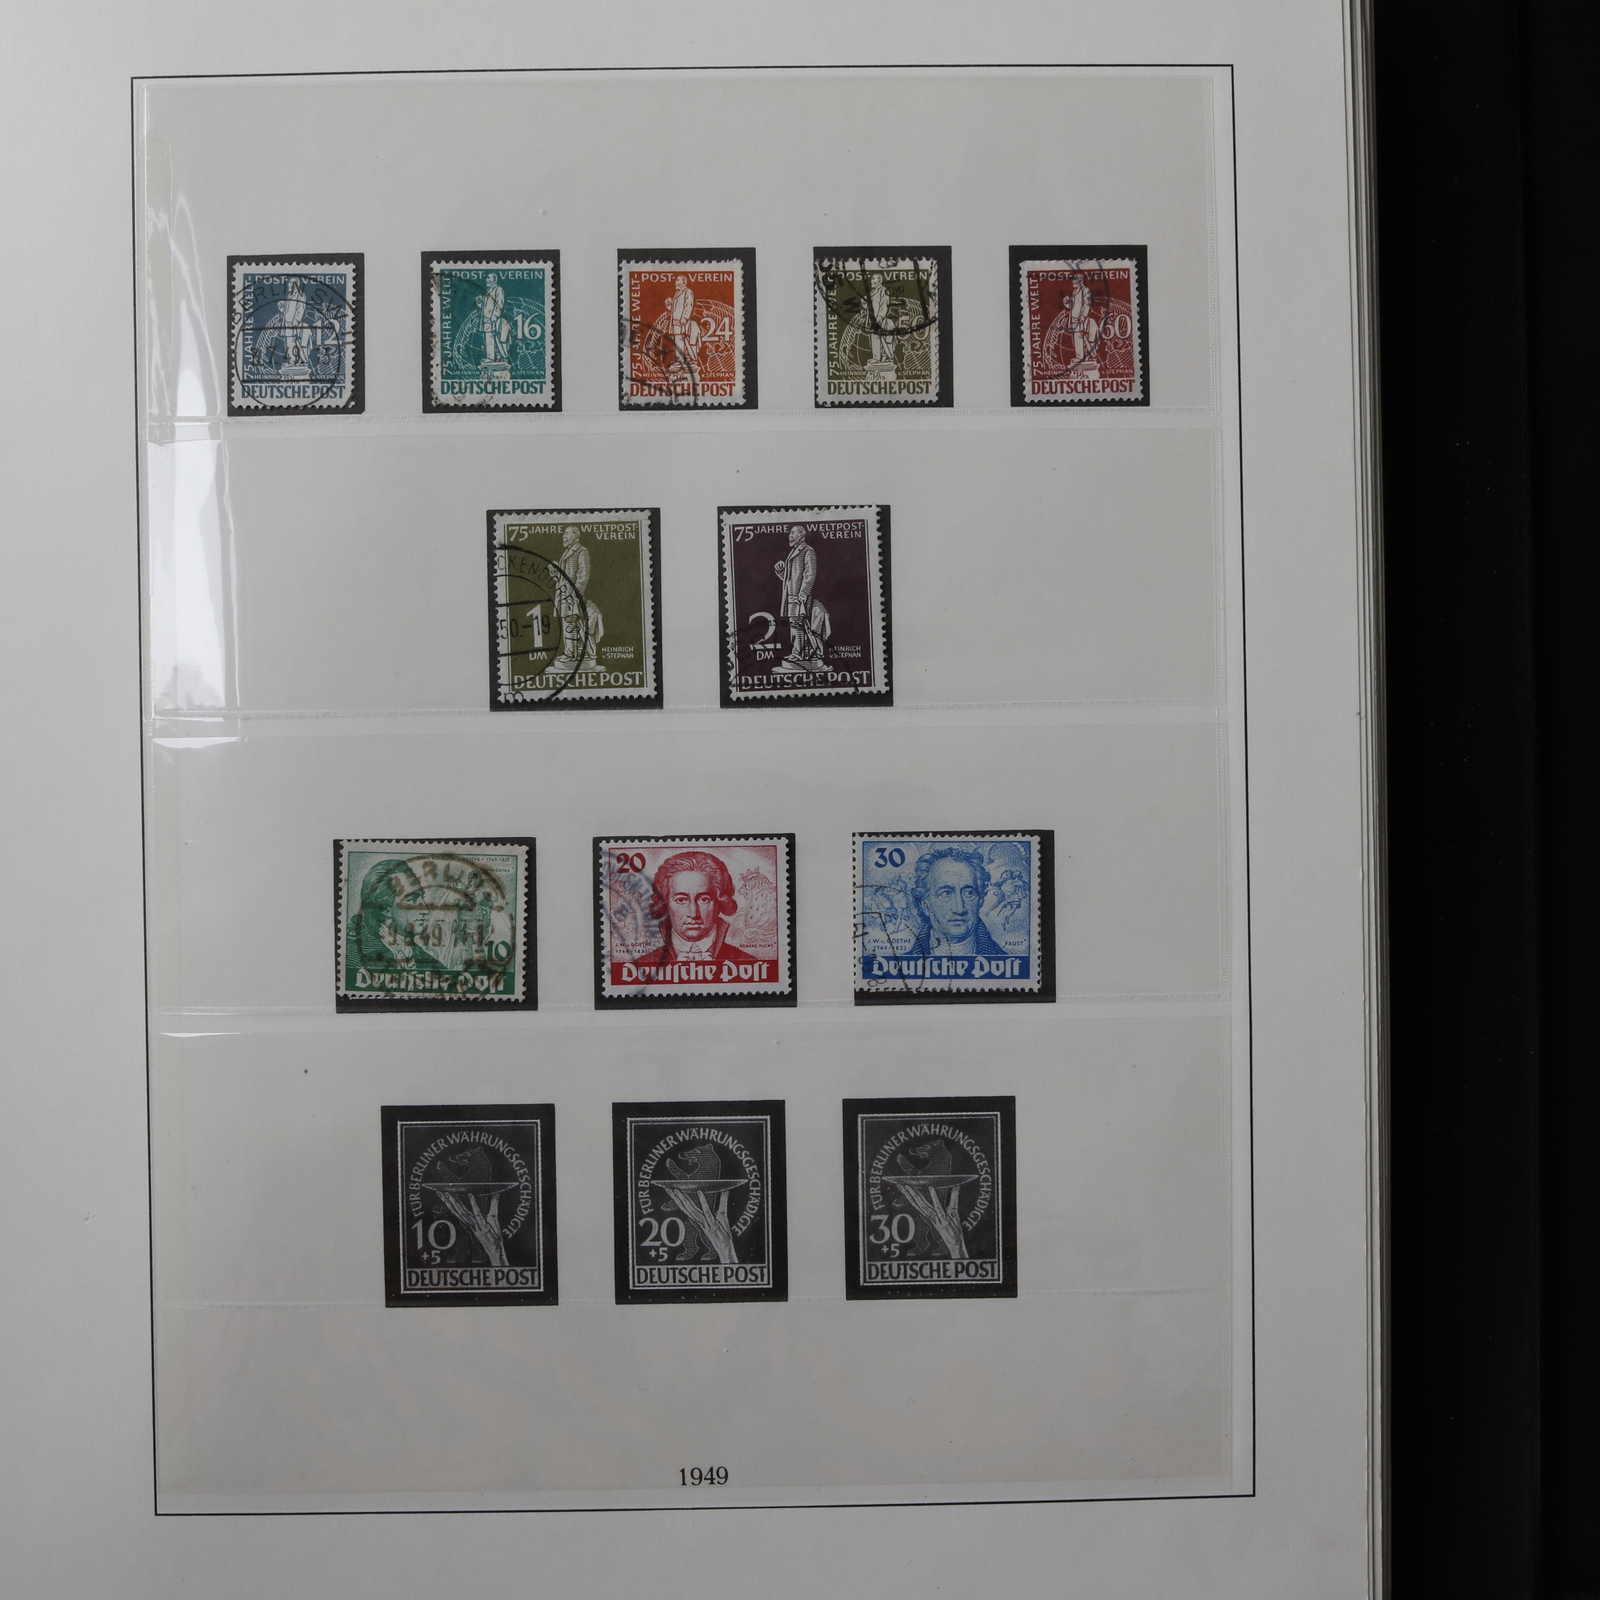 Briefmarken Motive Nett Berlin 1949 Postfrisch Minr 60 Geprüft Schlegel Freimarken Tegeler Schloss